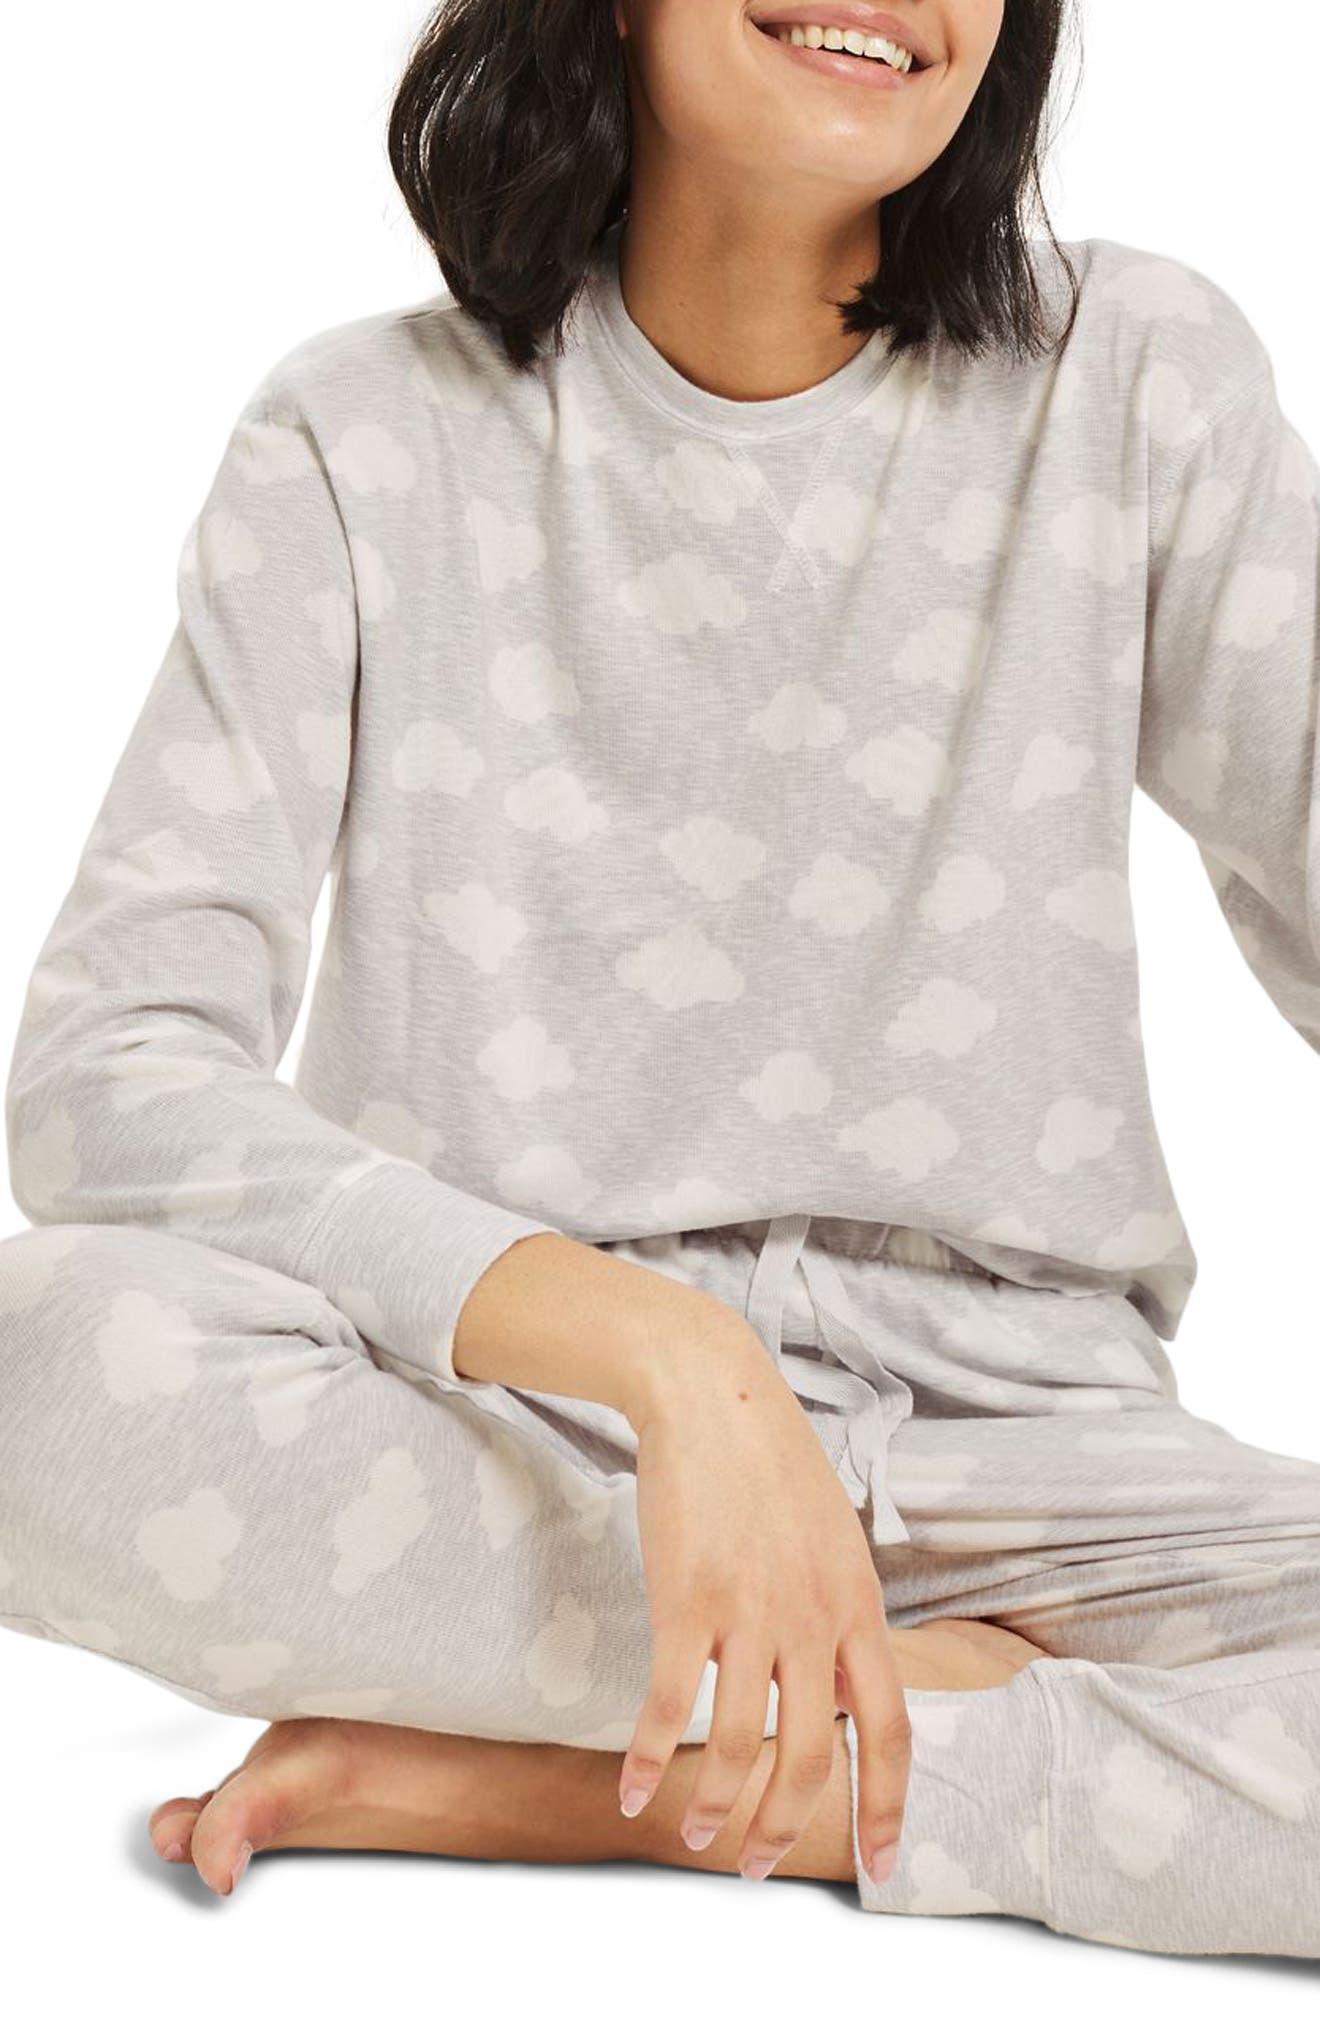 Topshop Cloud Print Sweatshirt